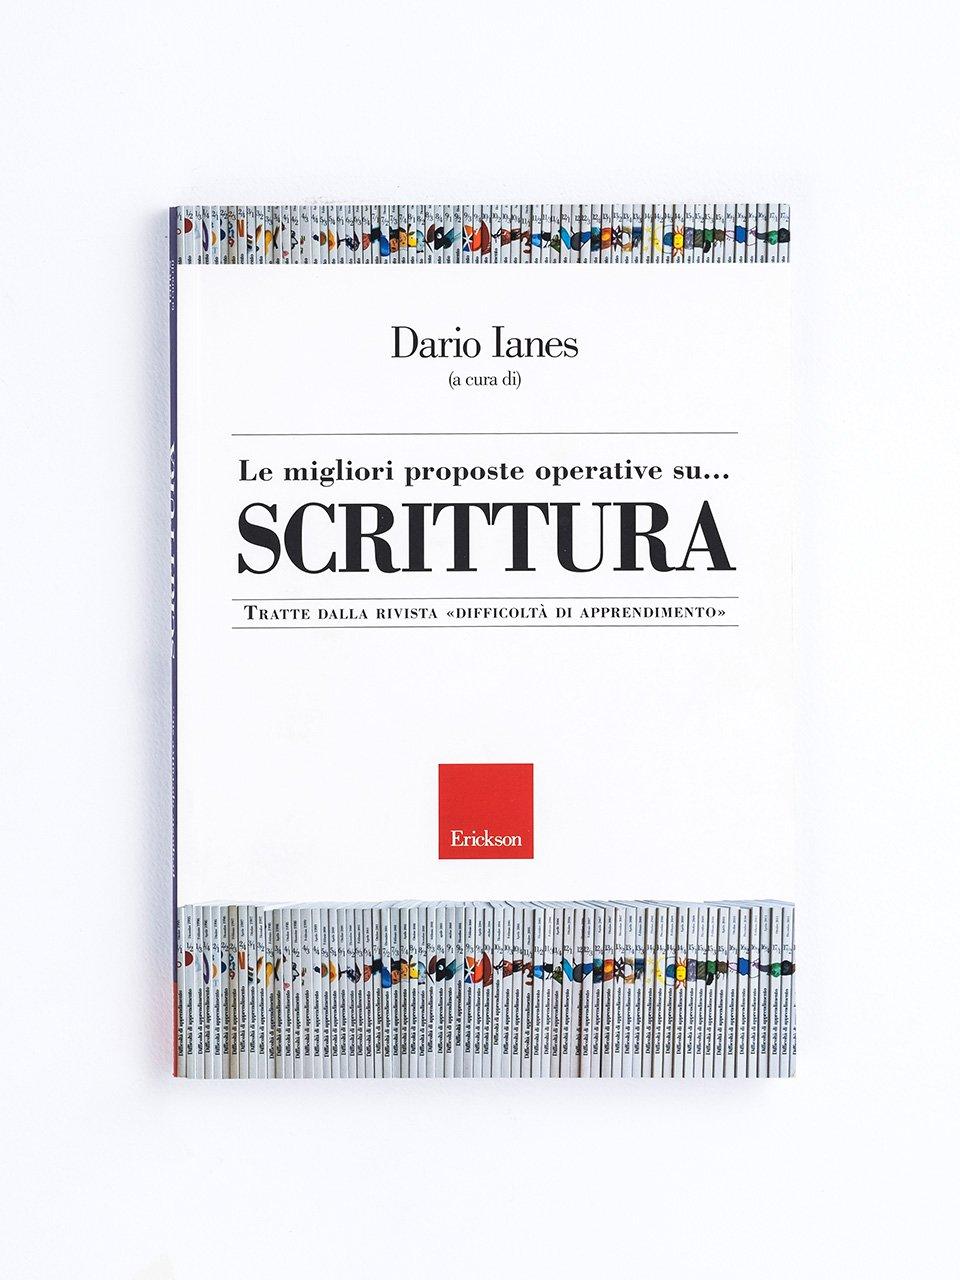 Le migliori proposte operative su... SCRITTURA - Laboratorio preposizioni articolate - Libri - Erickson